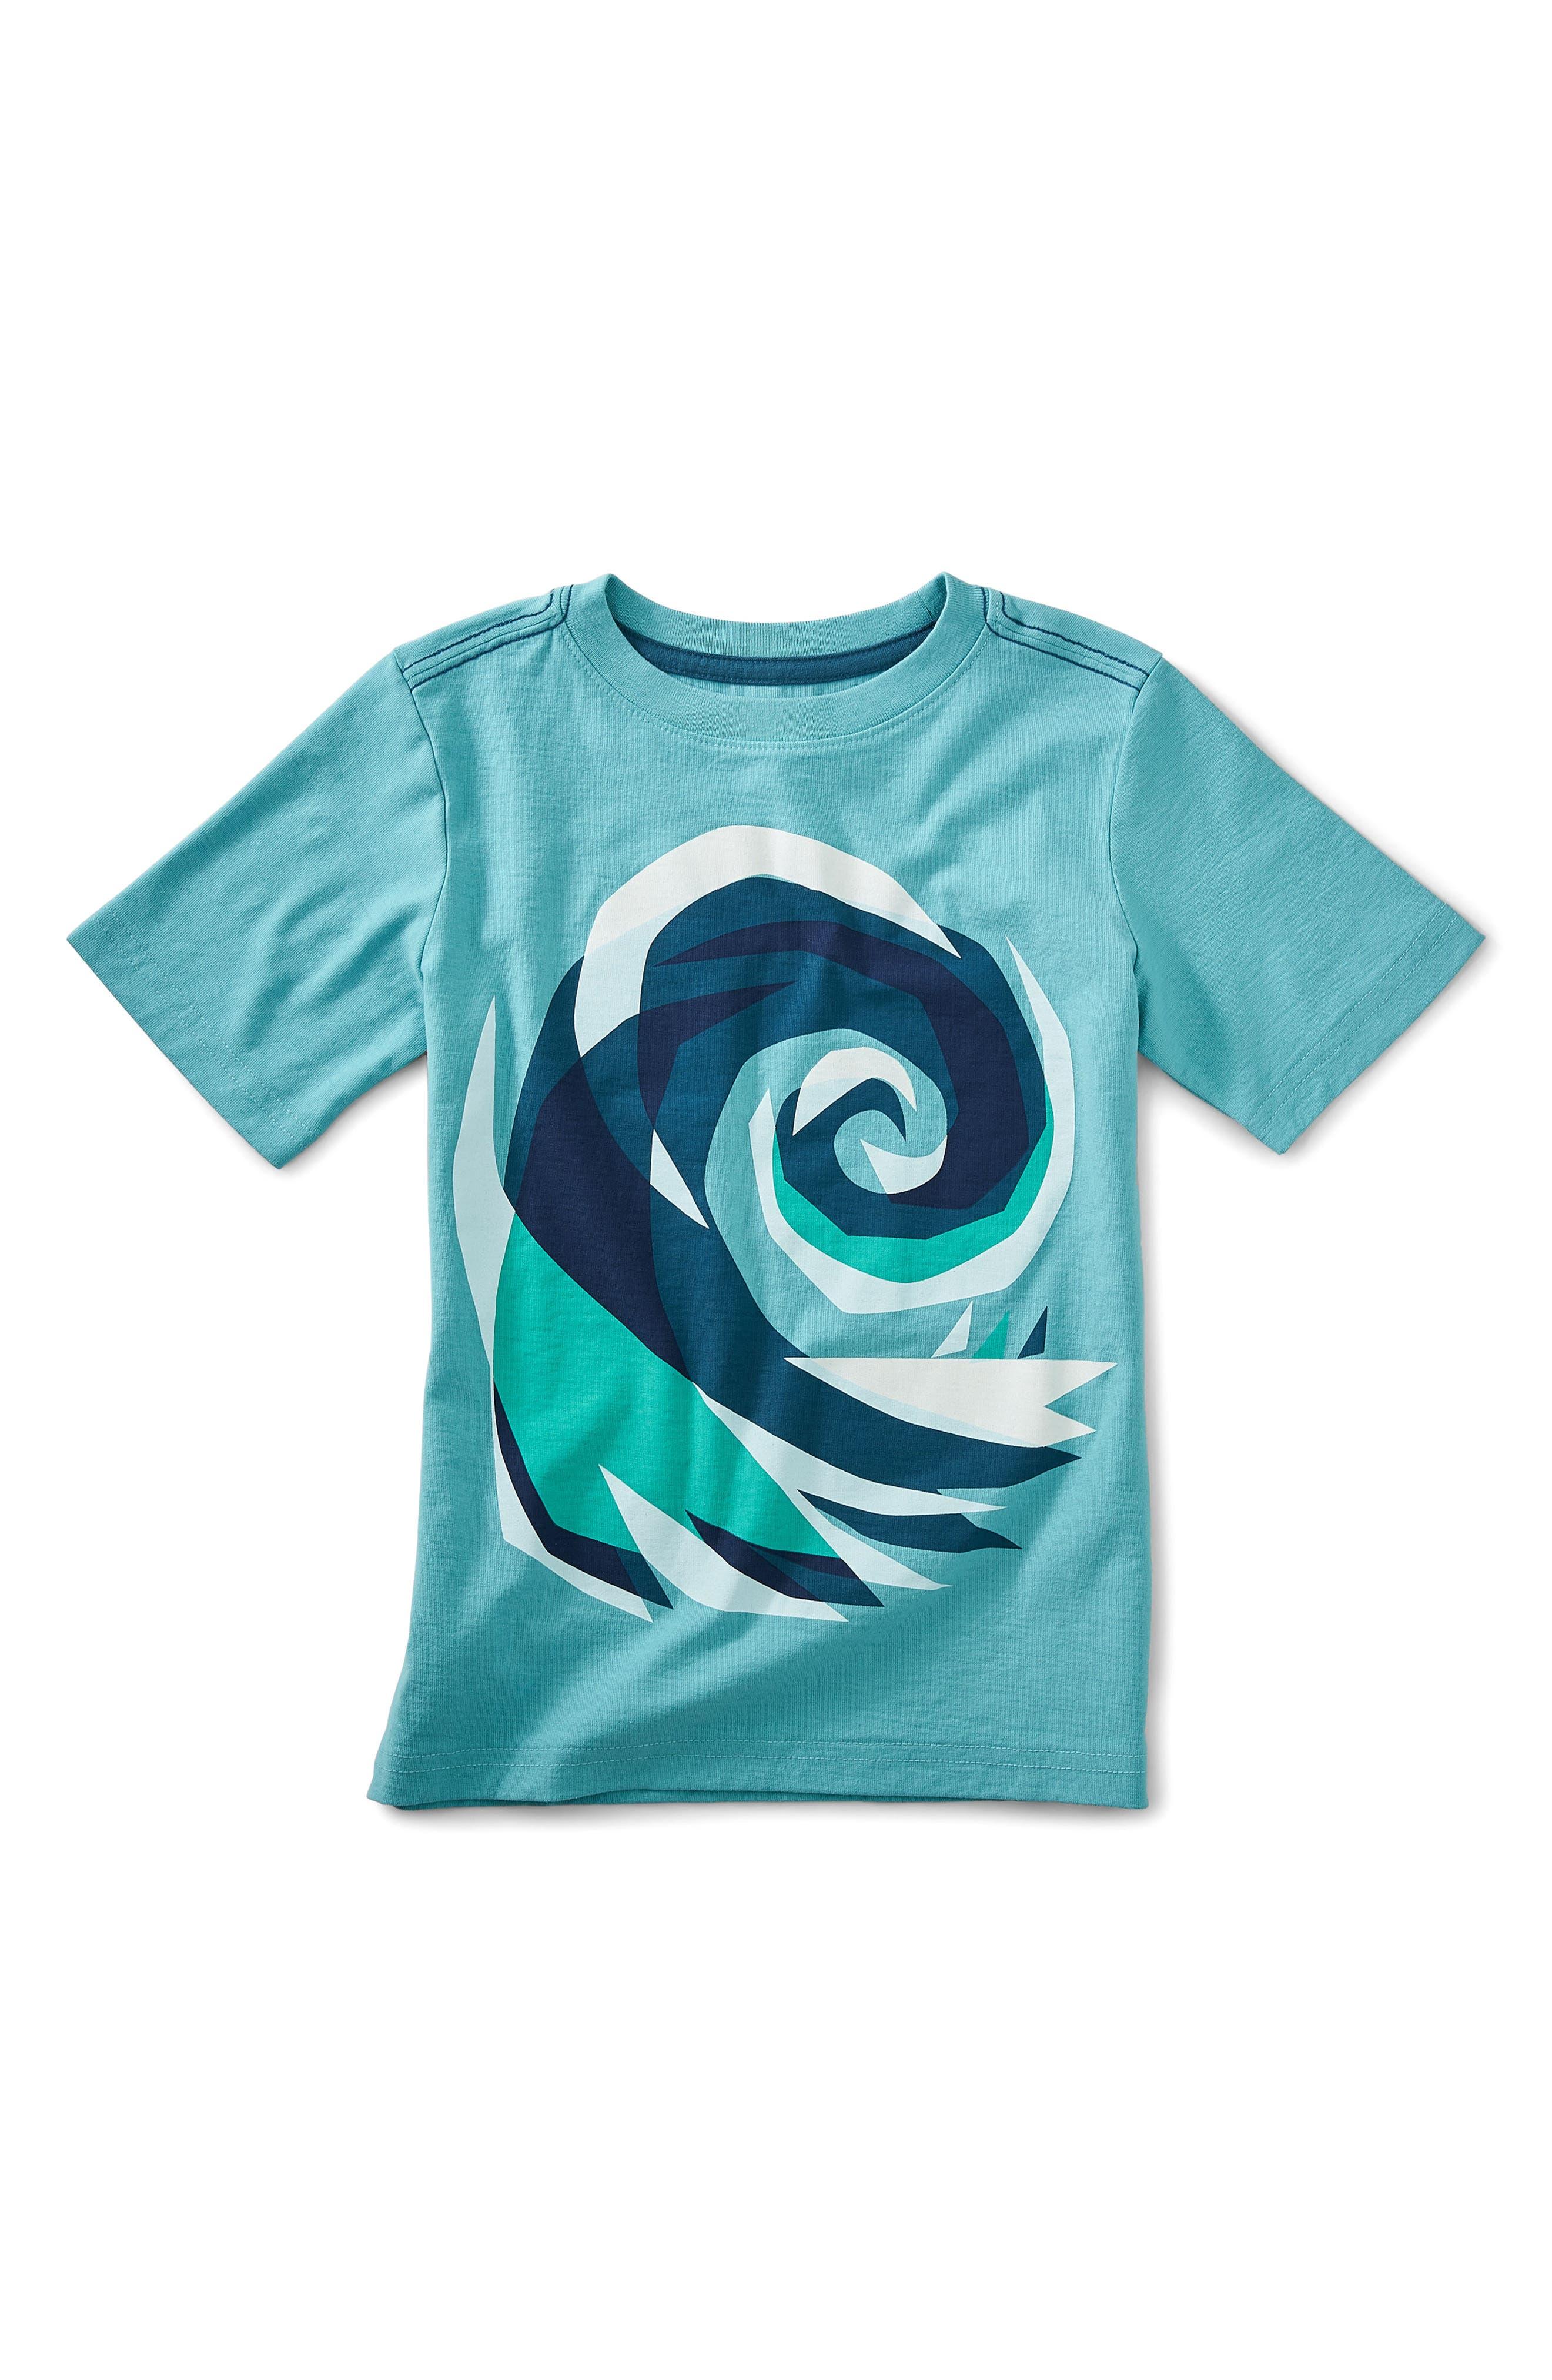 Crashing Wave Graphic T-Shirt,                             Main thumbnail 1, color,                             473